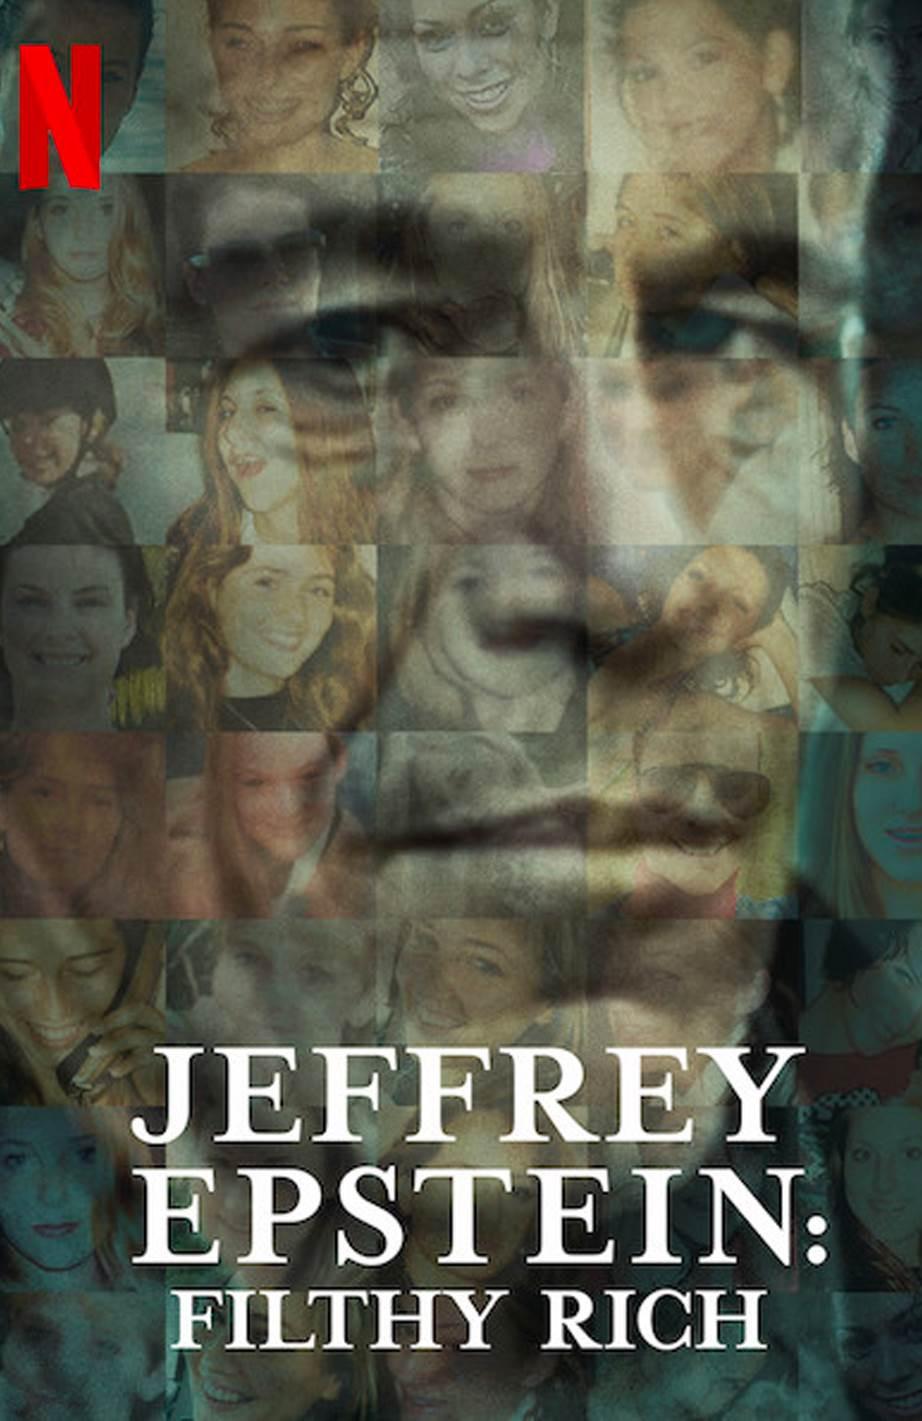 Best True Crime Series On Netflix Australia Right Now - Jeffrey Epstein: Filthy Rich